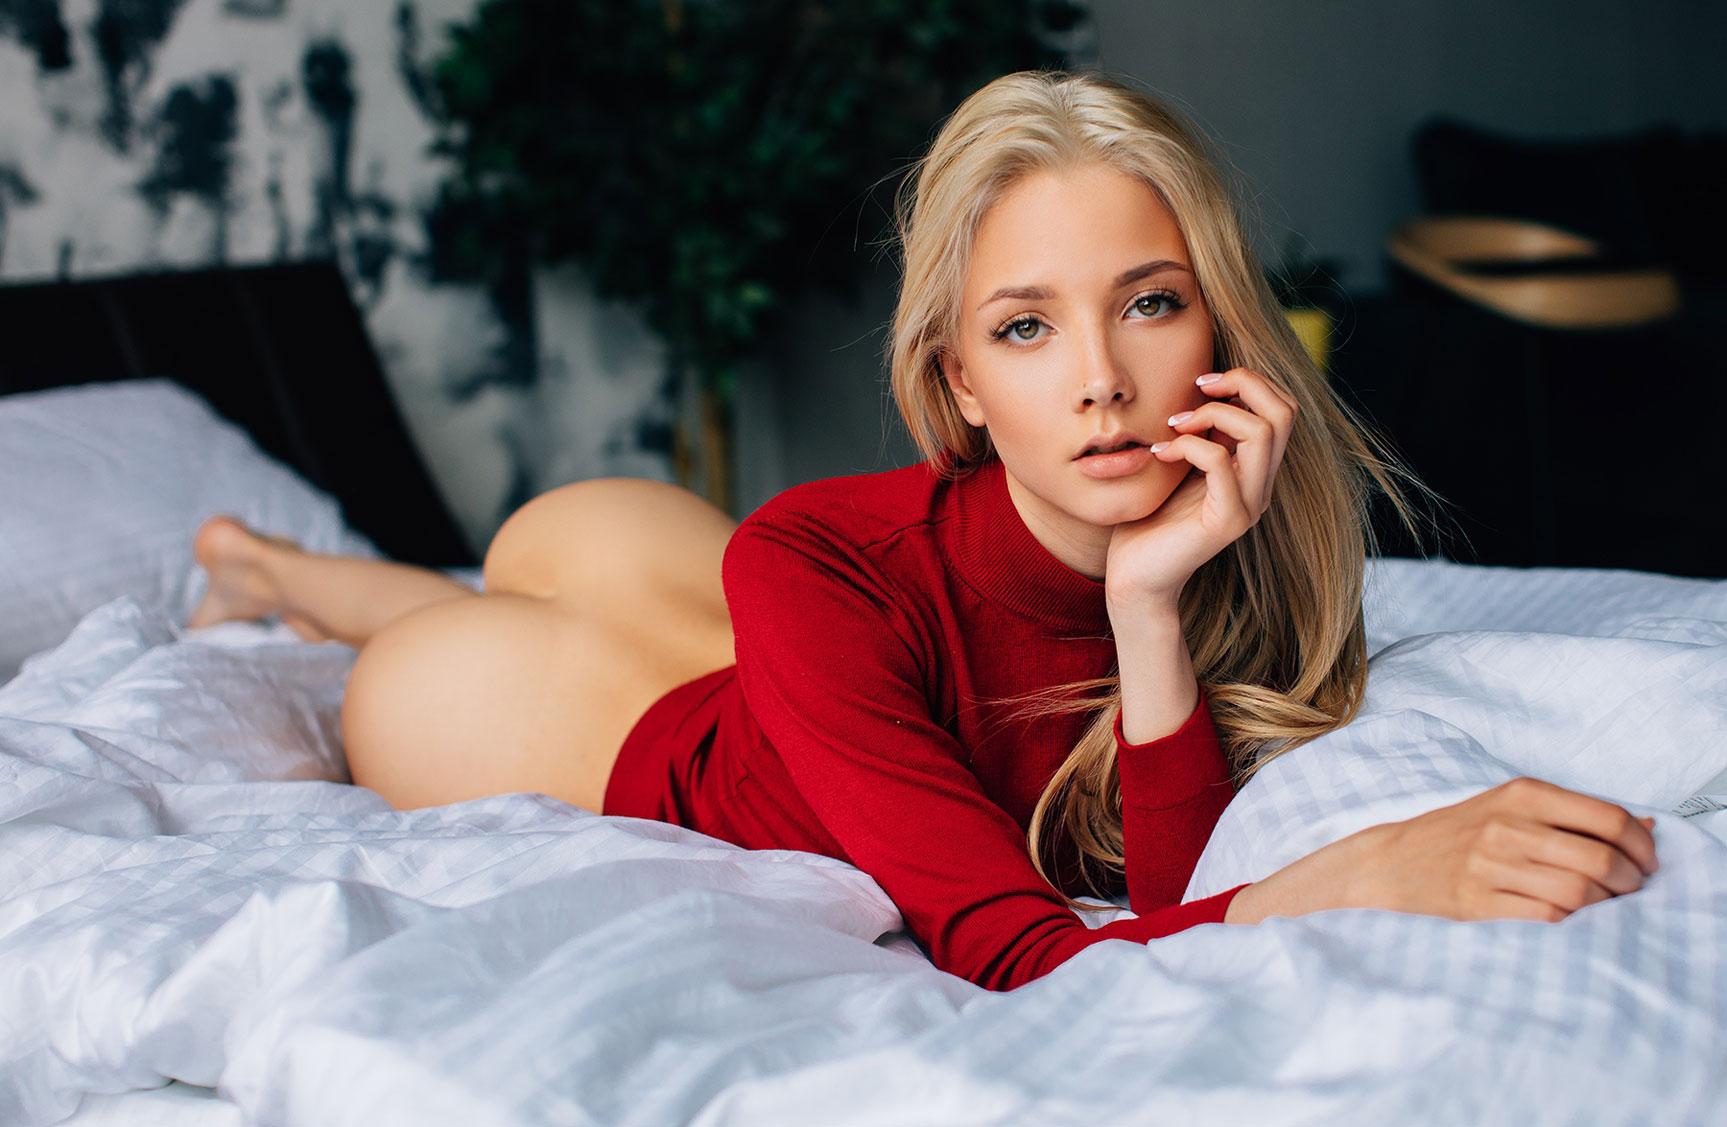 Ekaterina Chernisheva / Katerina Shiryaeva nude by Alexey Trifonov